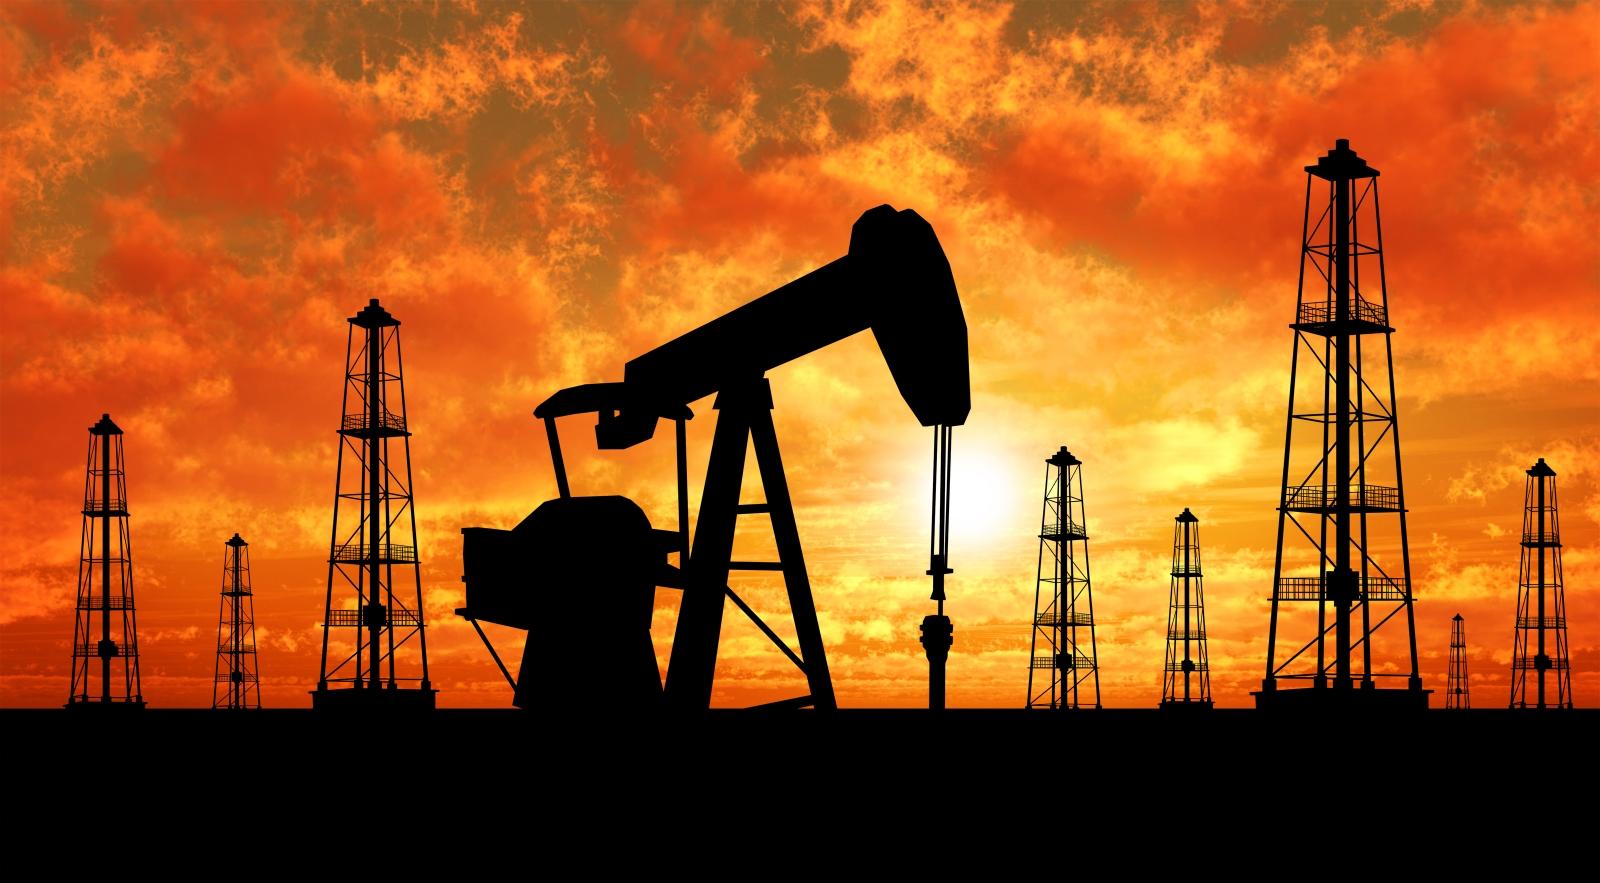 Сделка ОПЕК+ России не помогла: цена на нефть WTI рухнула ниже $18, Urals падает следом